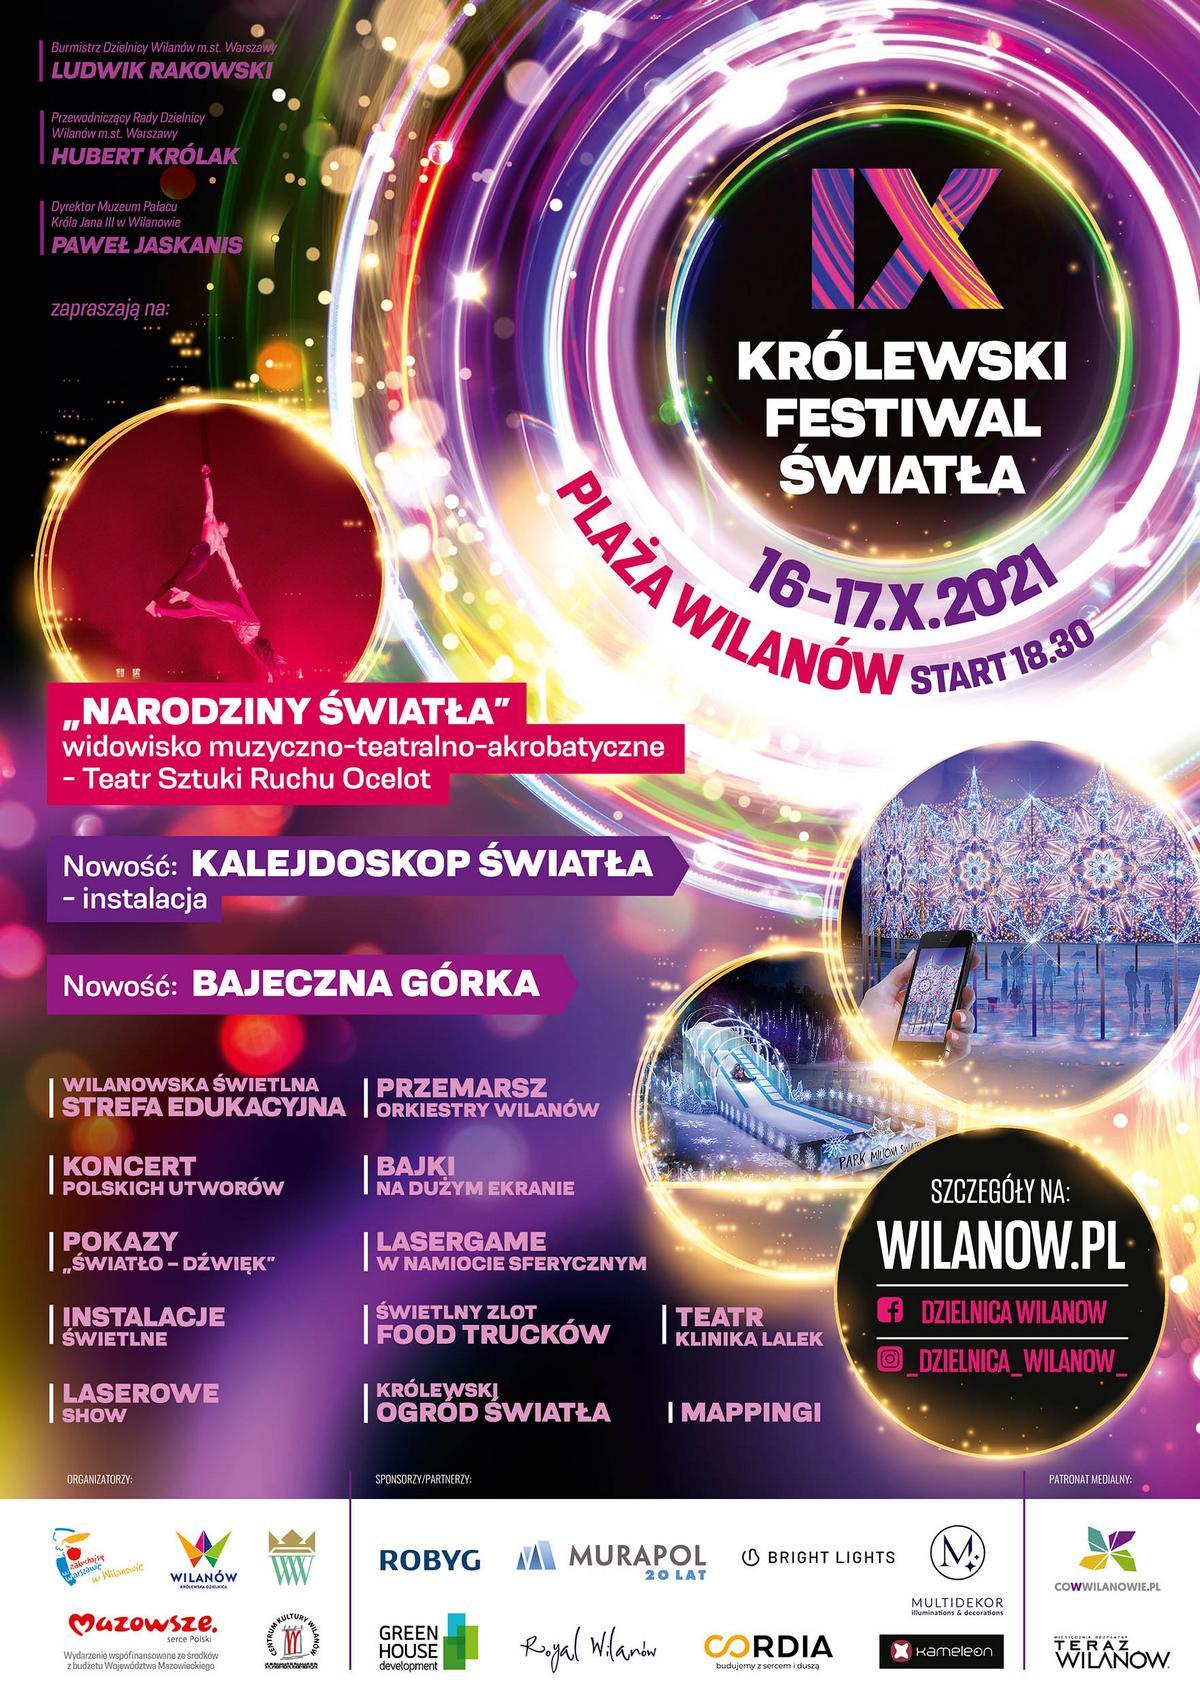 IX Królewski Festiwal Światła w Wilanowie